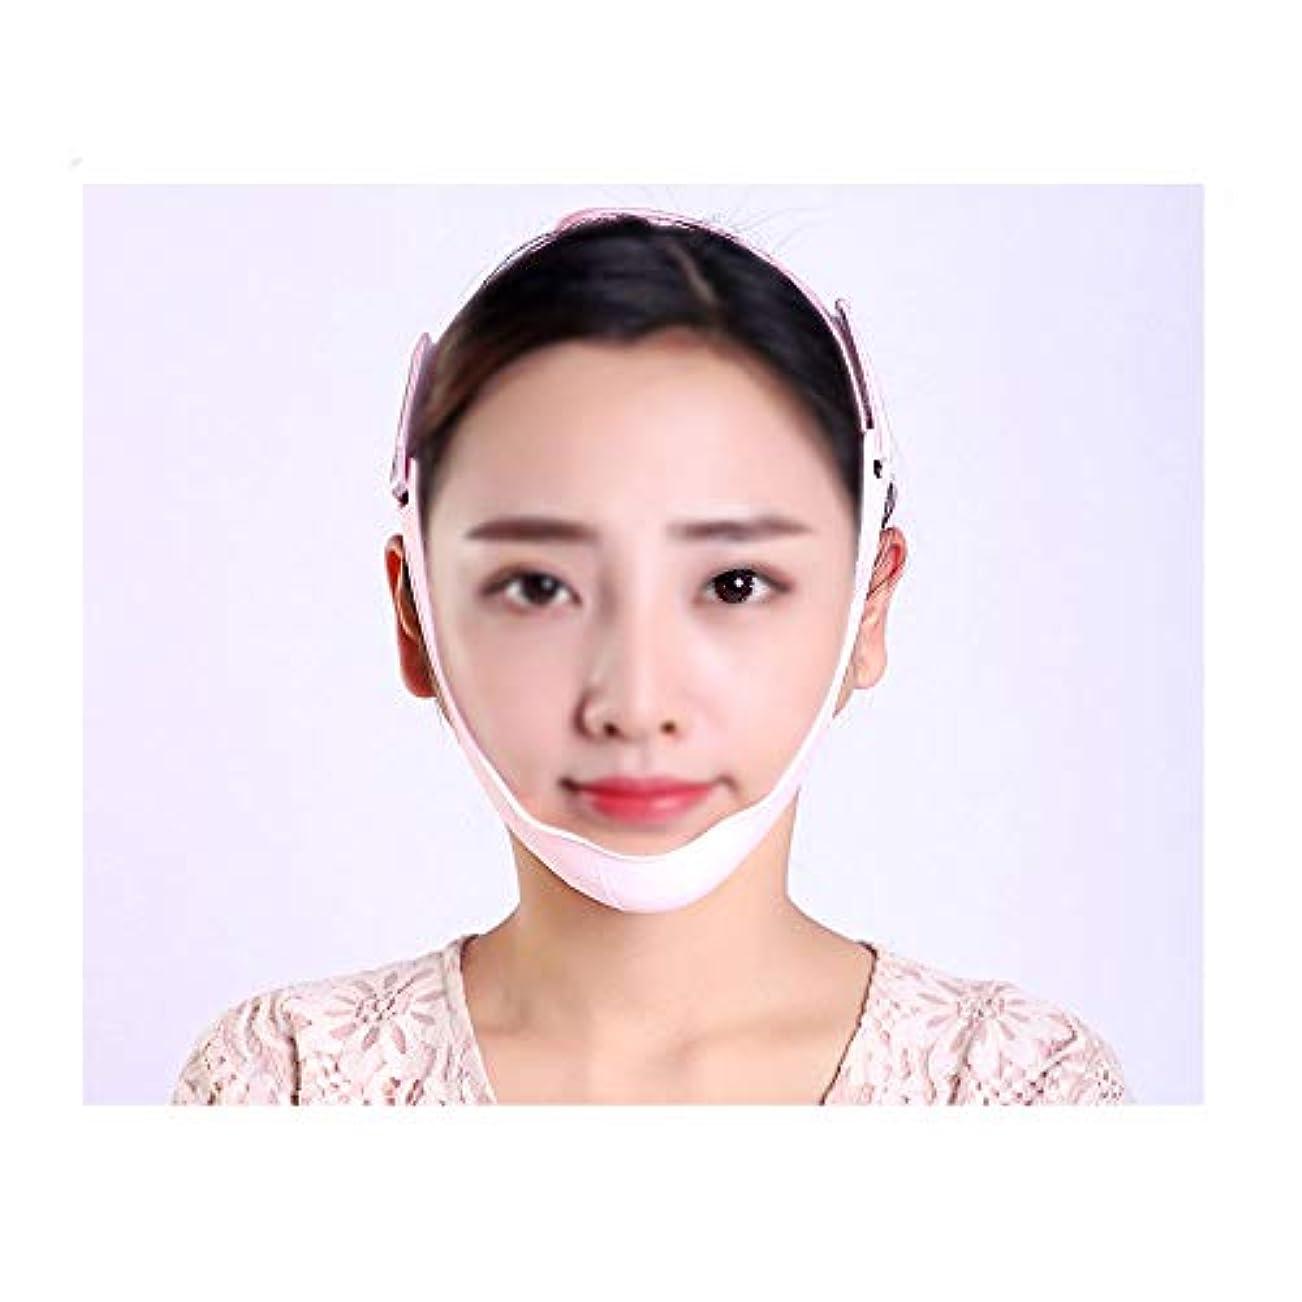 予定理解する地図GLJJQMY フェイシャルファーミングマスクリフティングフェイシャルファーミングボディマッセンスキニー包帯通気性二重層顎痩身マスク 顔用整形マスク